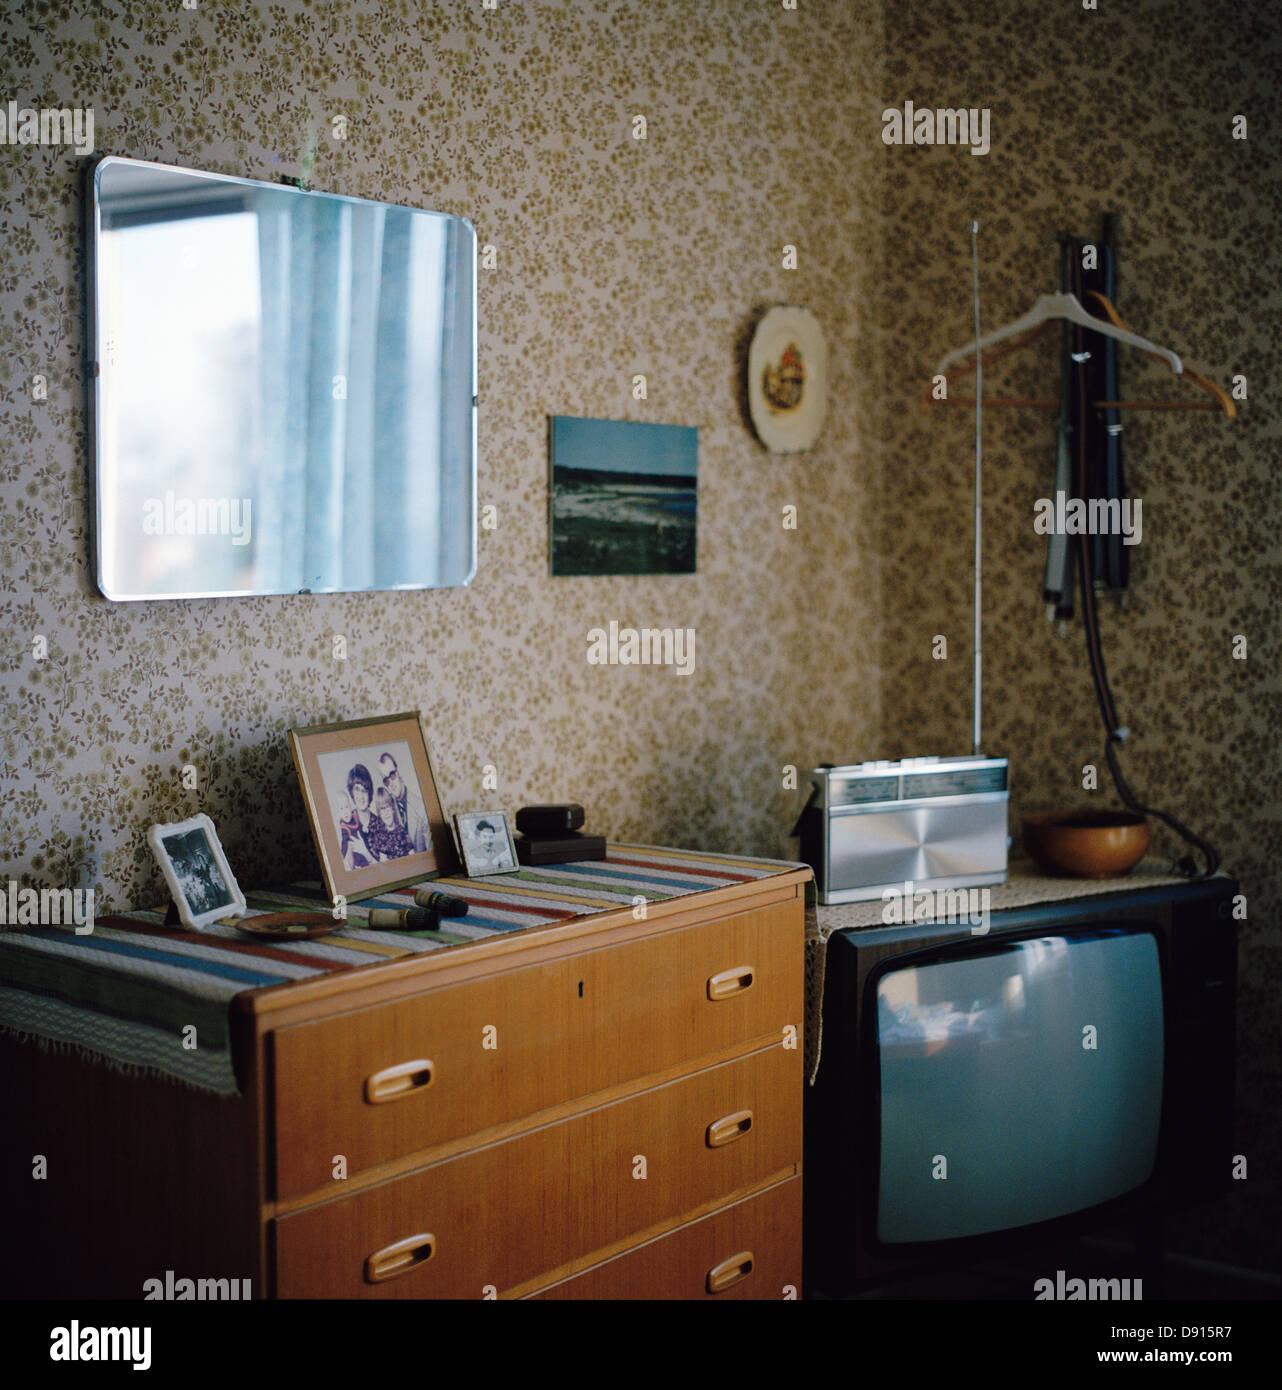 Kommode Fur Fernseher Furniture Kleiderschrank Mit Tv Fresh